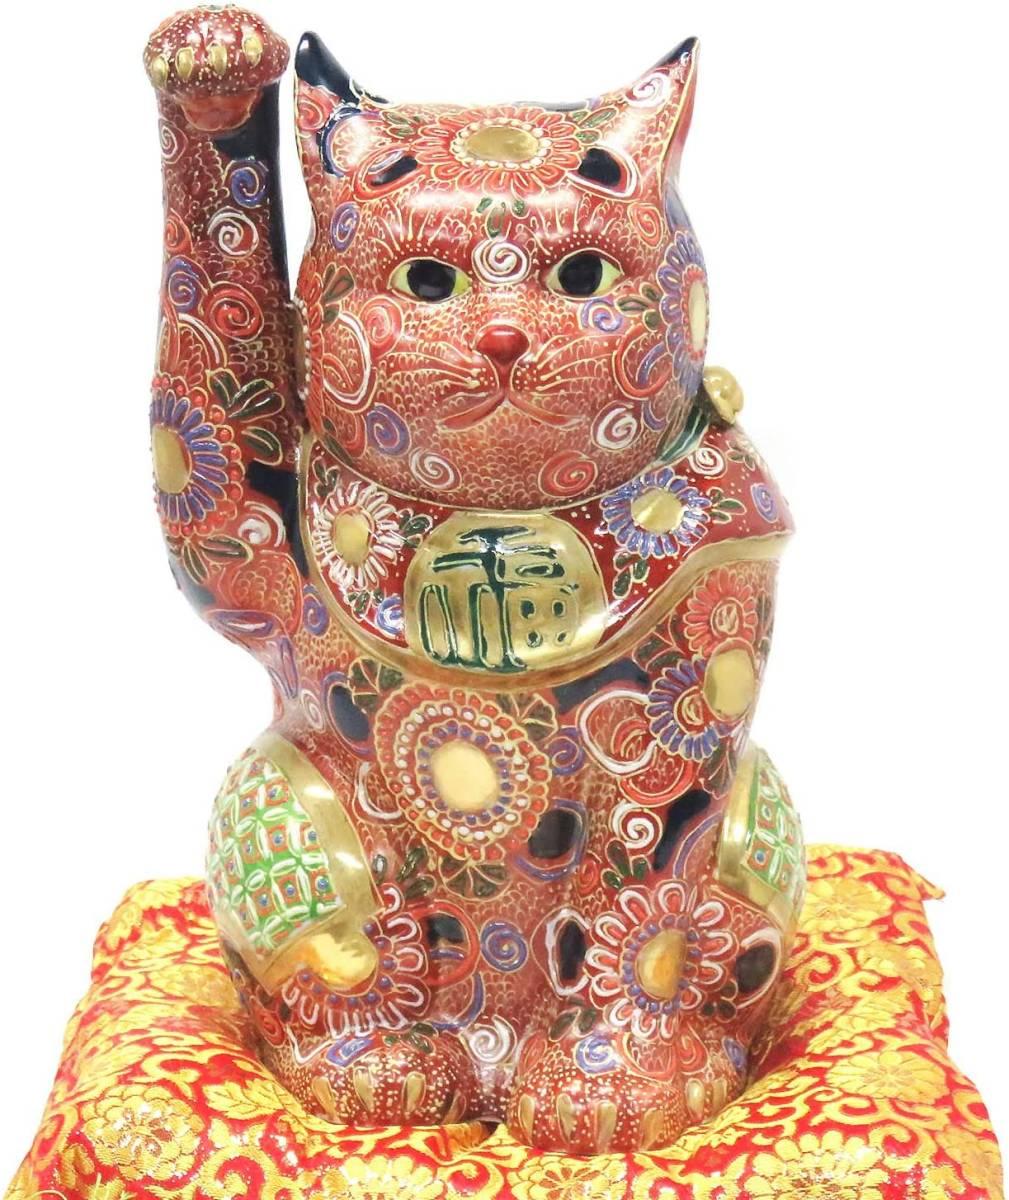 入手困難 開運 置物 九谷焼 招き猫 陶器 商売繁盛 風水 錦座布団付き 金運上昇 開運招聘 日本製 新品 30cm_画像5